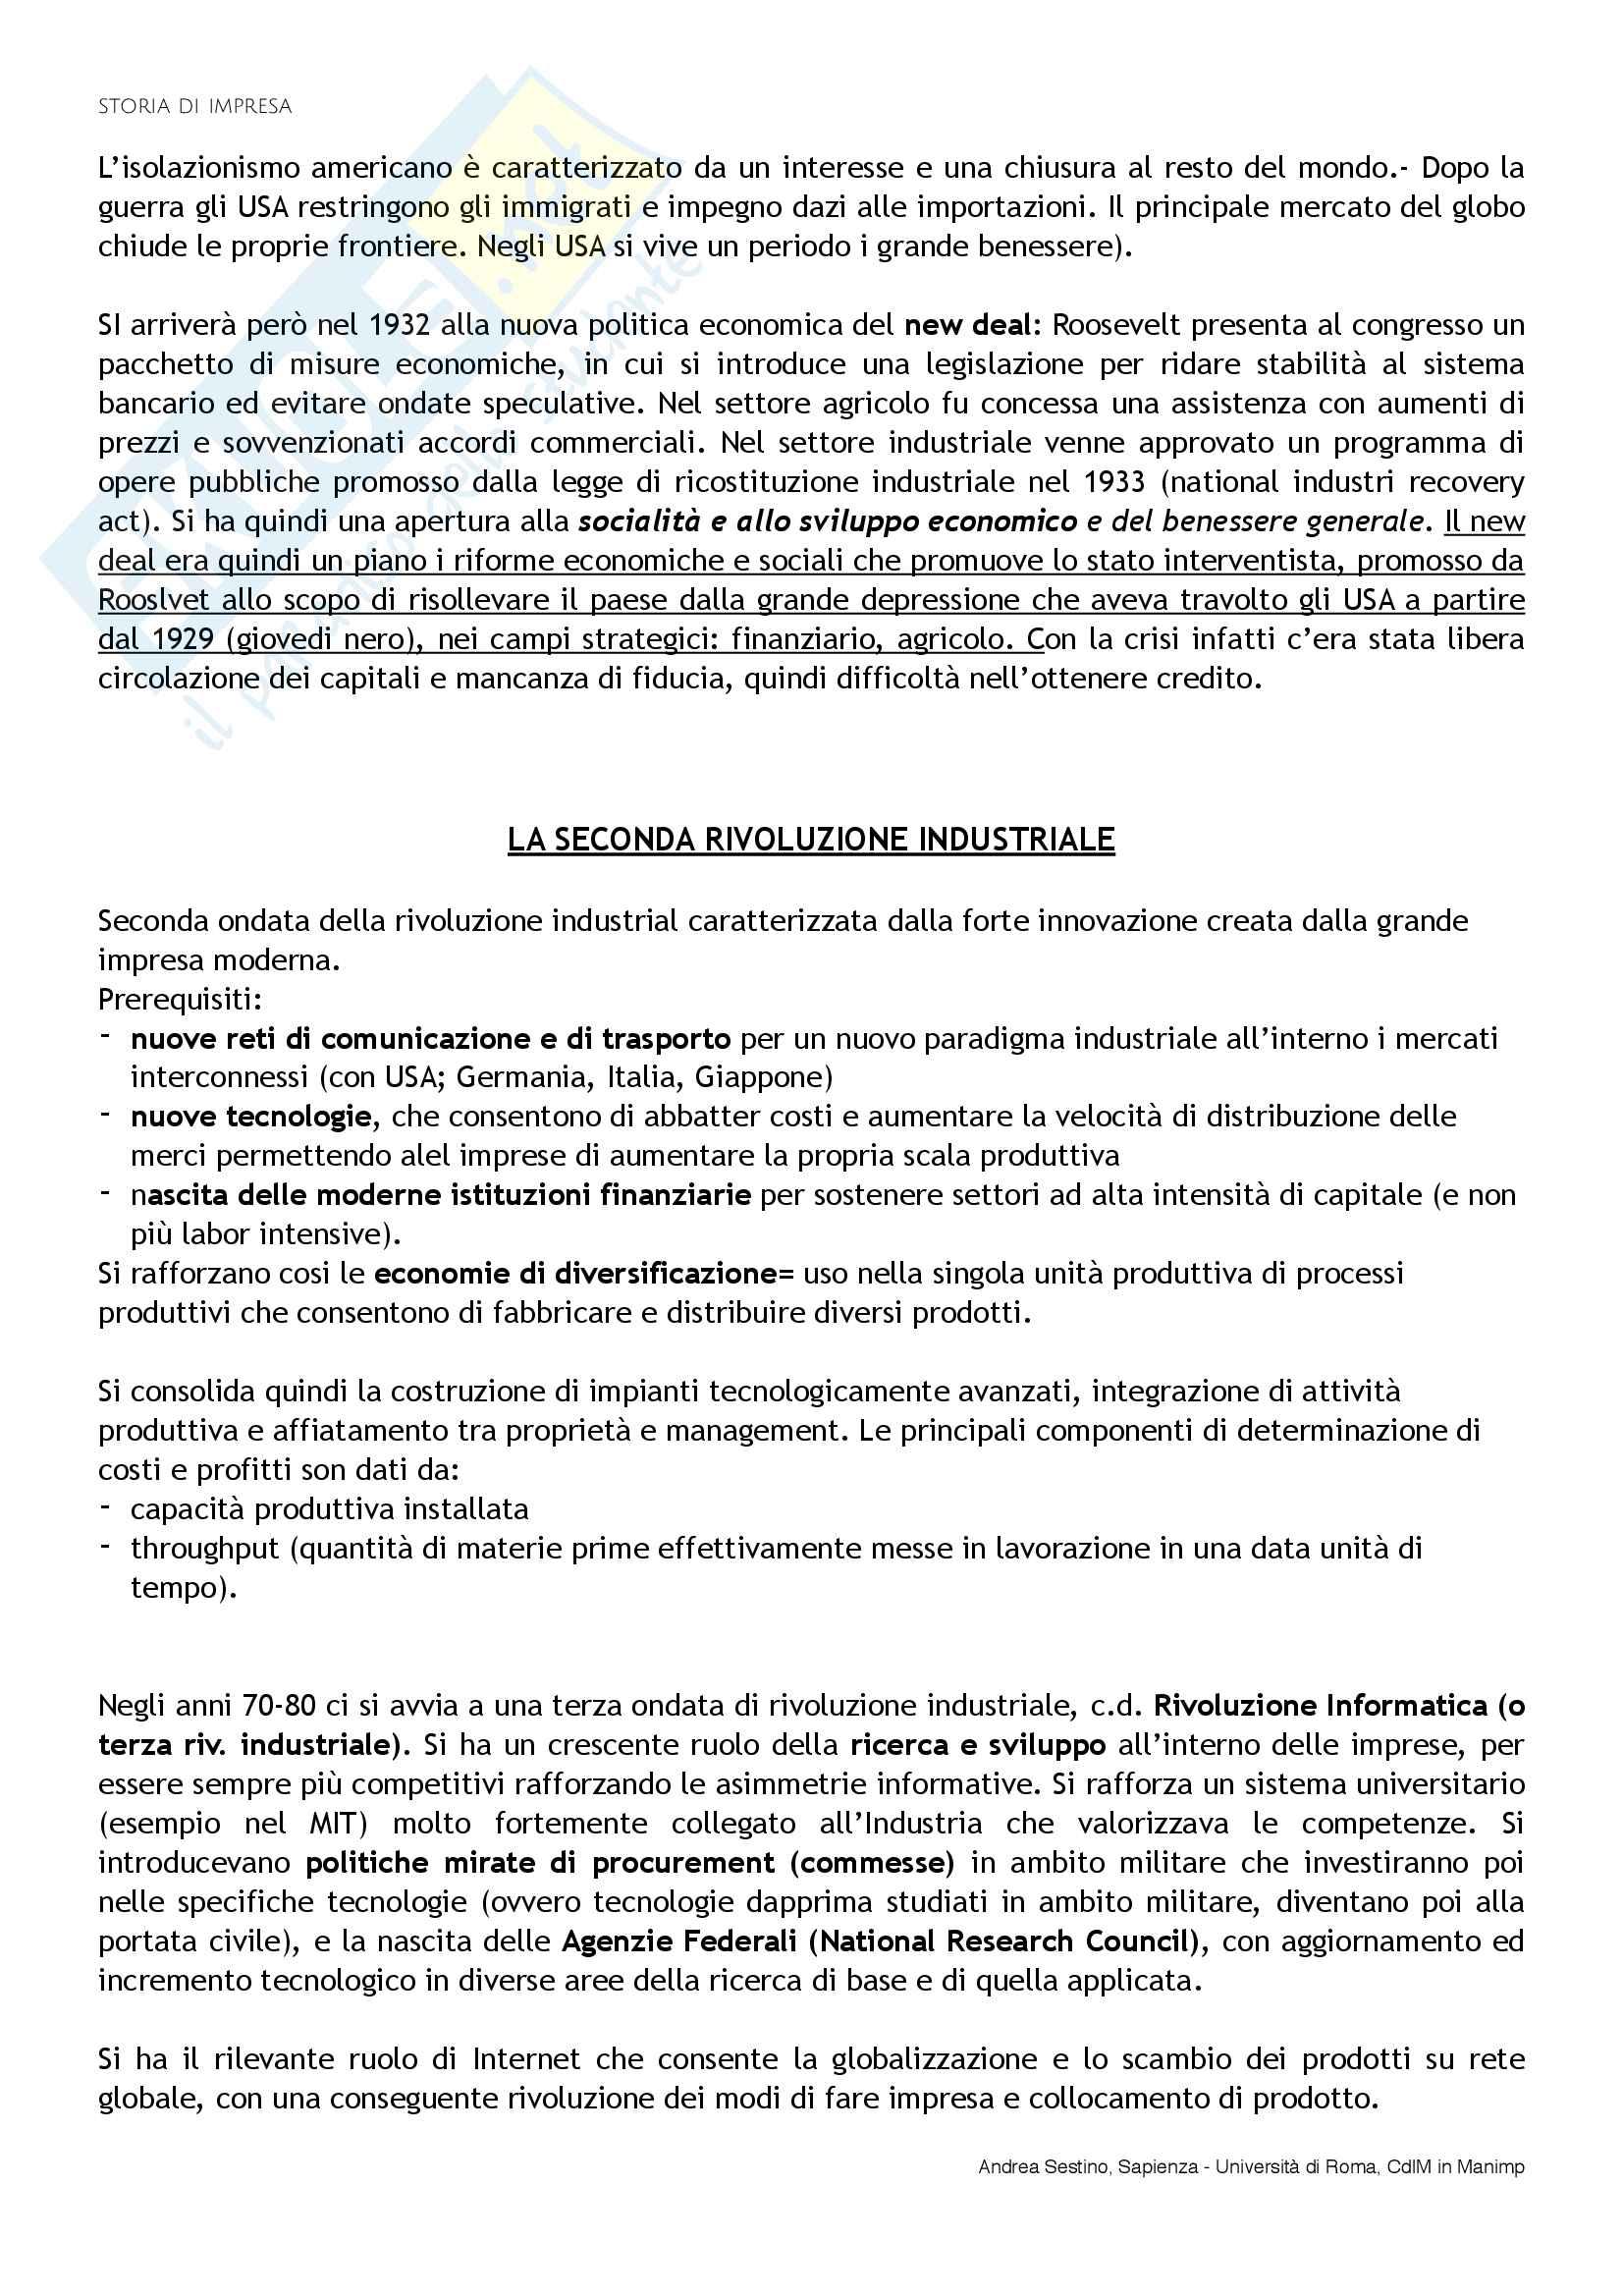 Riassunto esame Storia di impresa, docente D. Strangio, libro consigliato Storia d'impresa: Complessità e comparazioni, Colli-Amadori Pag. 16